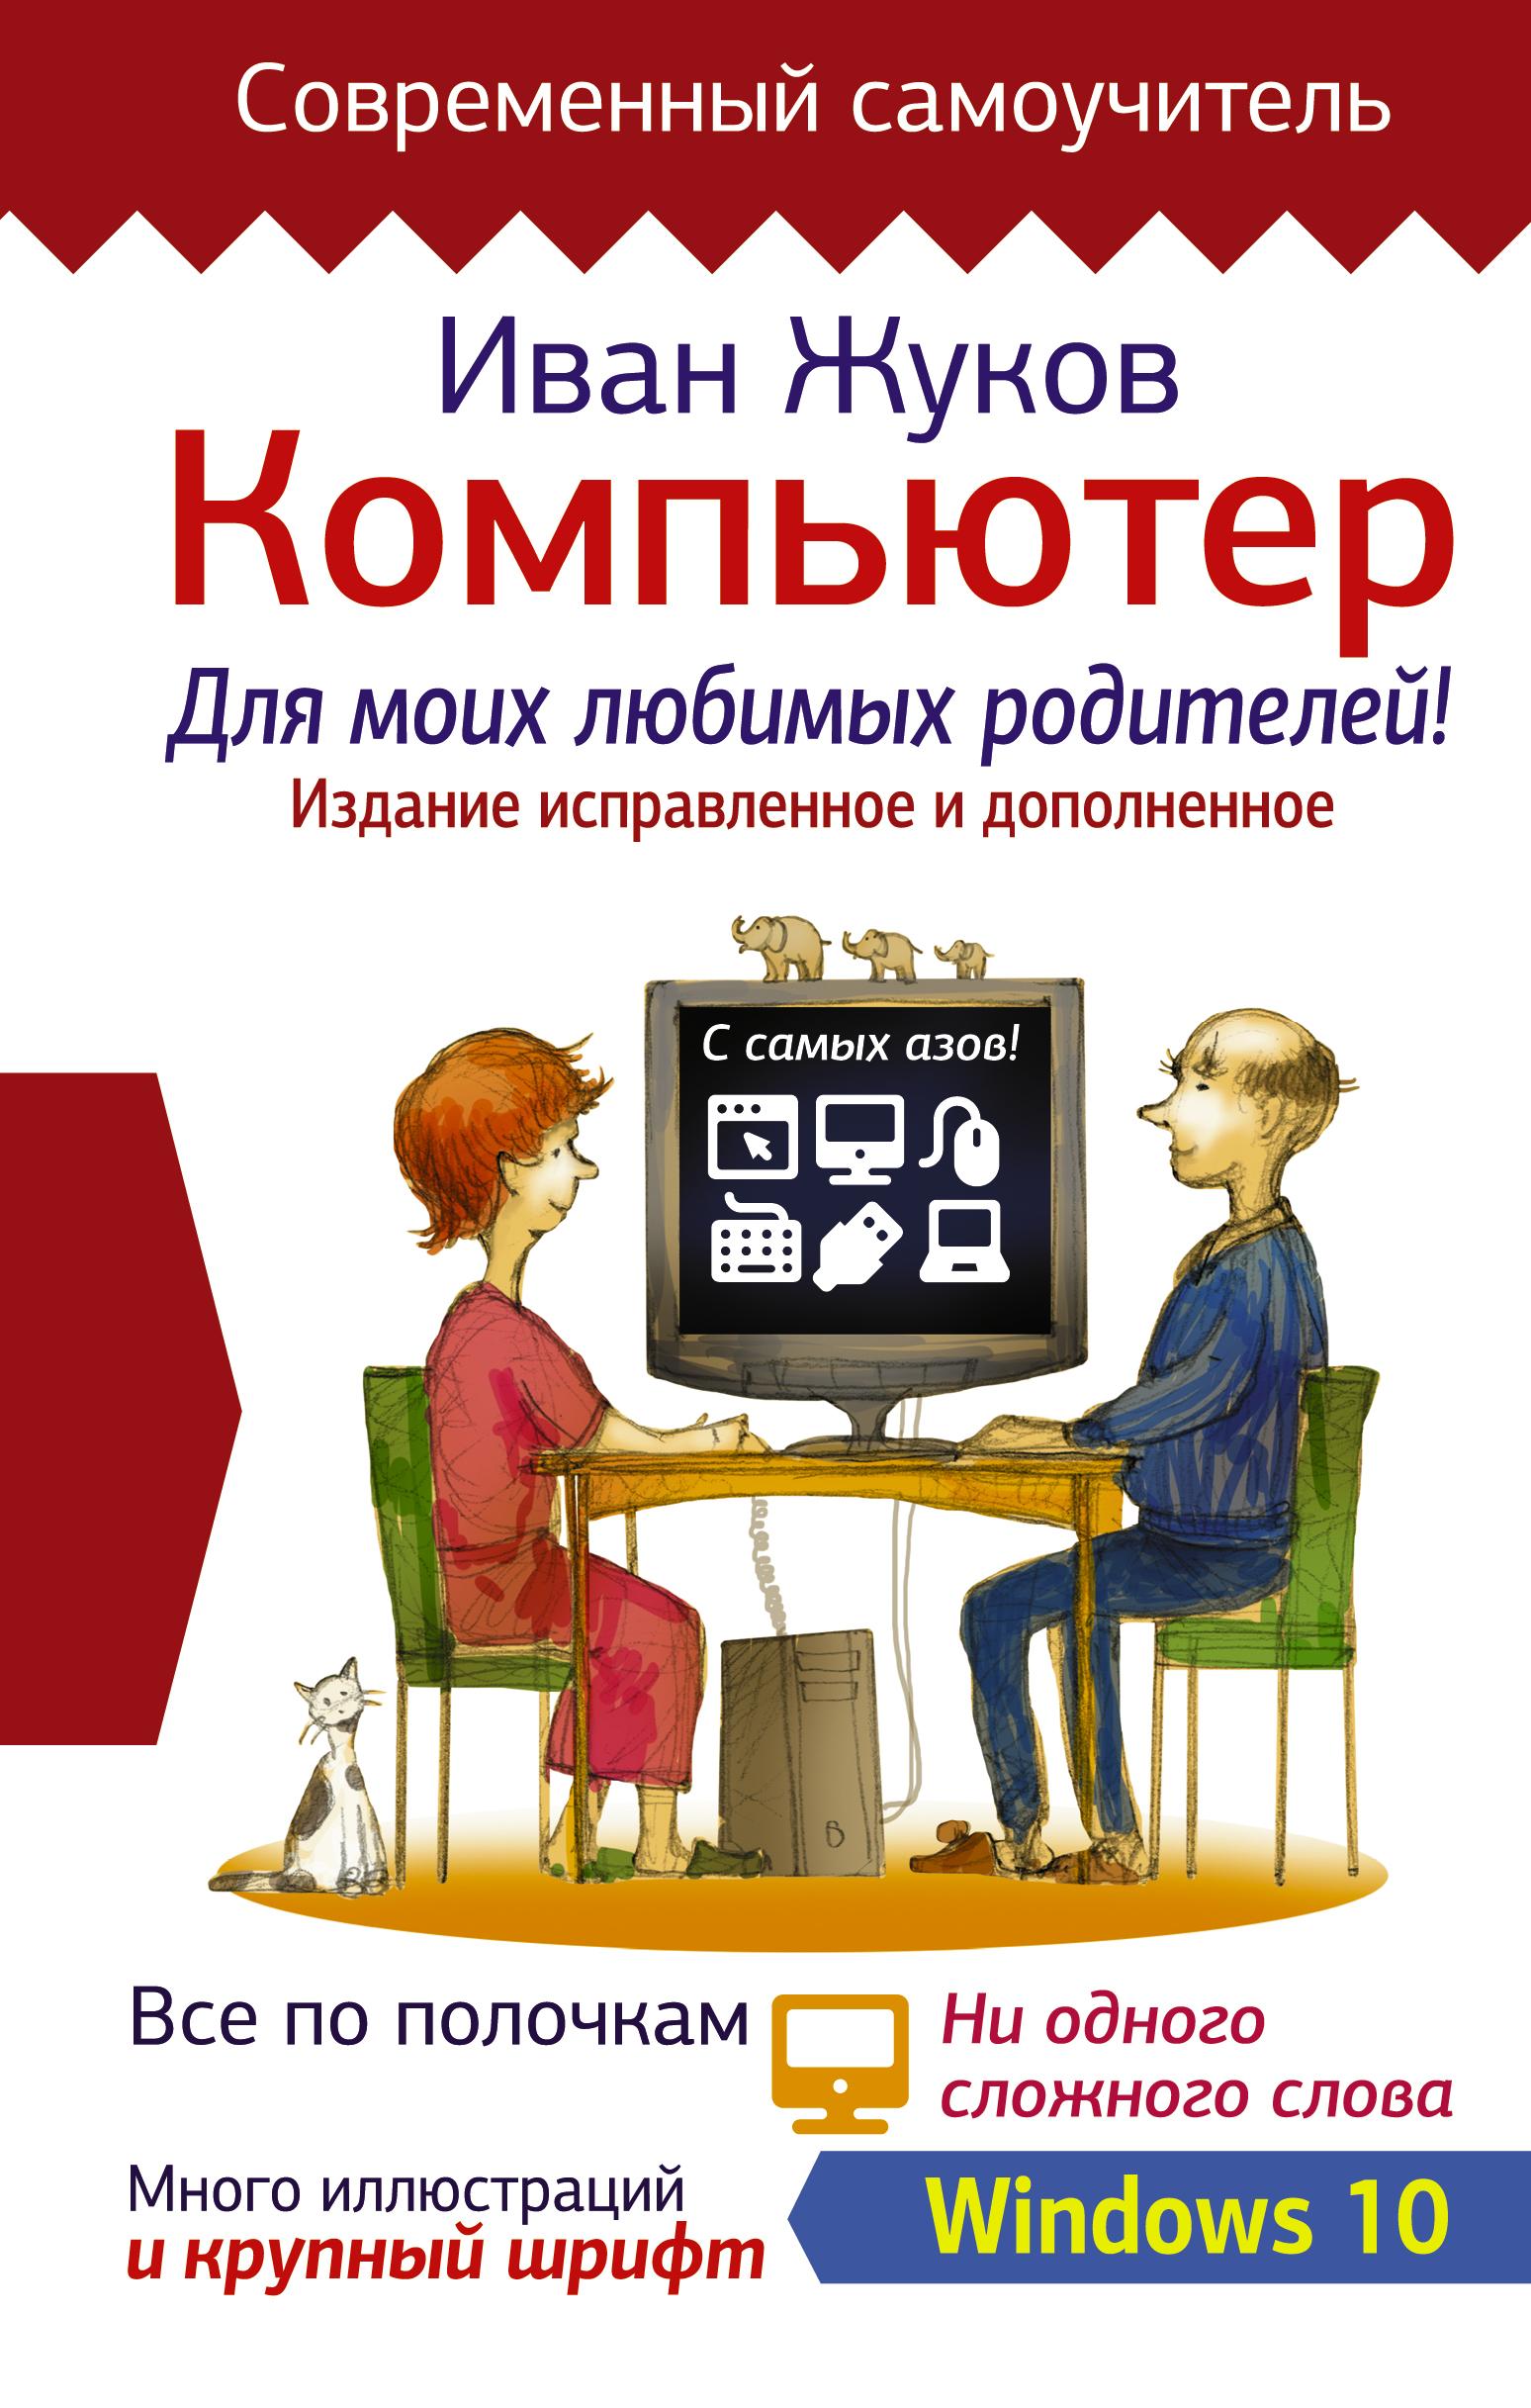 Жуков Иван Компьютер для моих любимых родителей. Издание исправленное и дополненное жуков иван большой самоучитель компьютер и ноутбук издание исправленное и доработанное